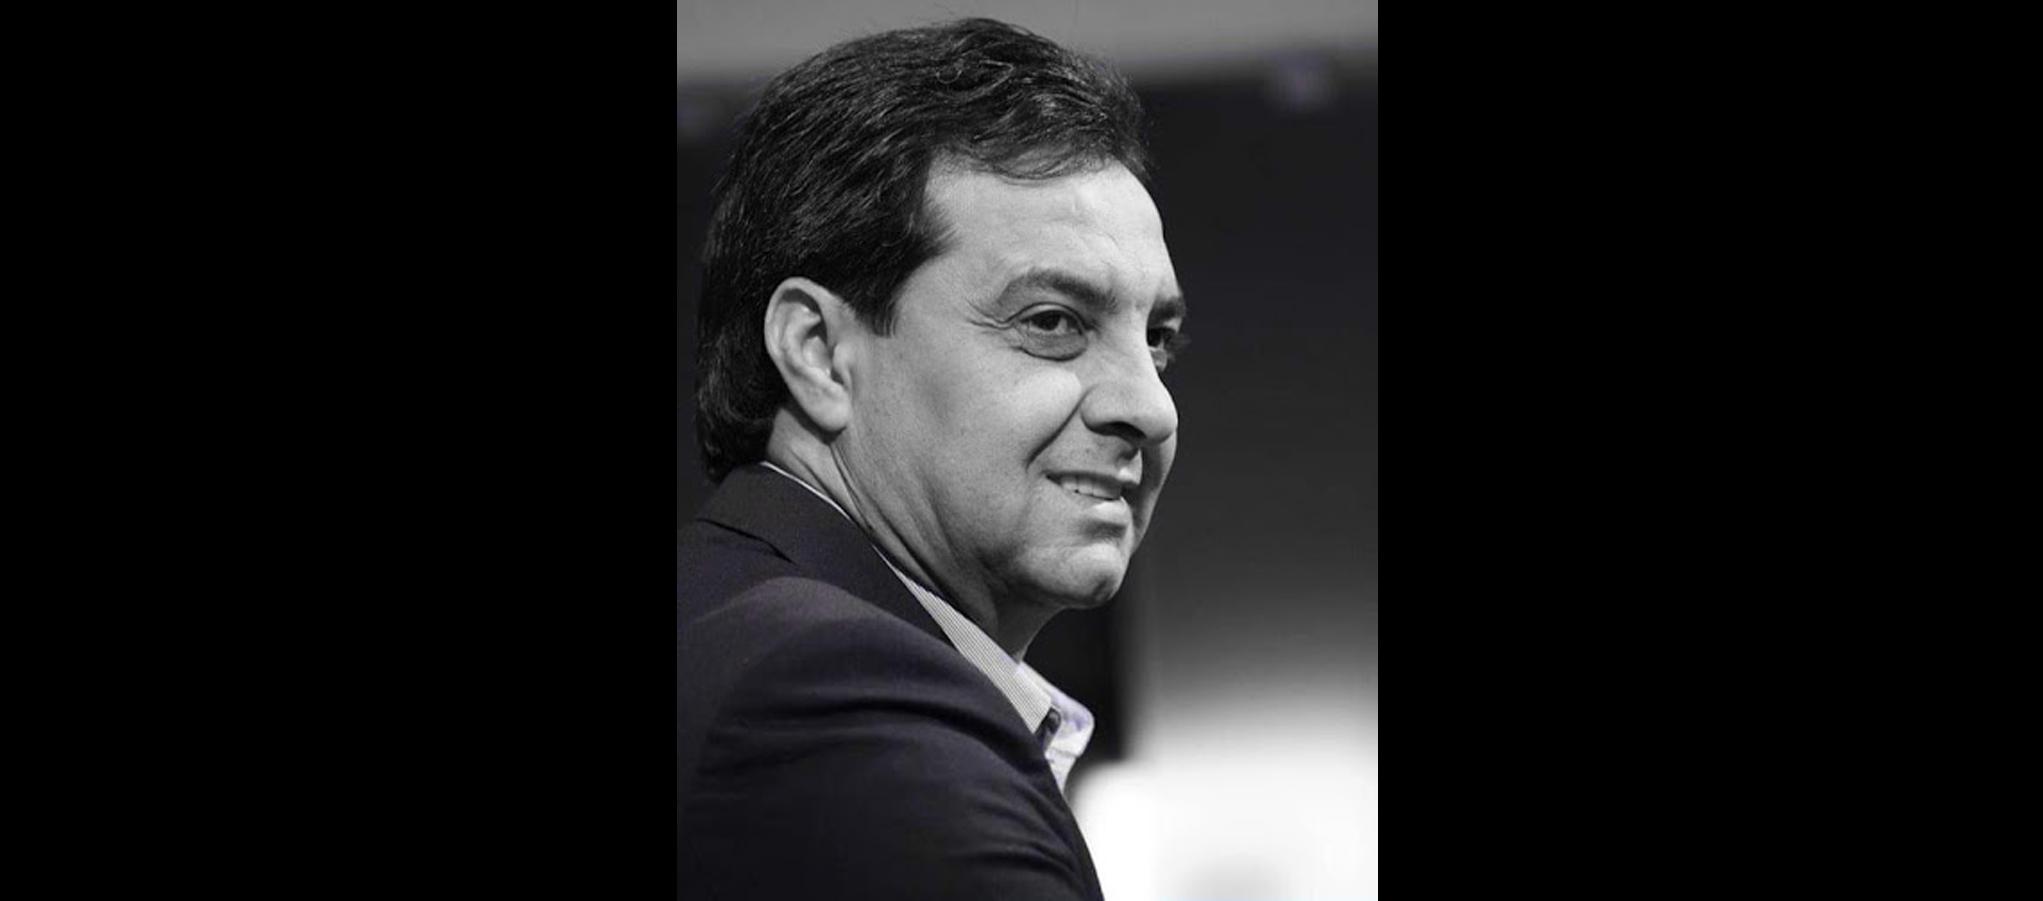 أكتمال حملة تبرعات في ثواب احمد راضي في 4 ساعات فقط